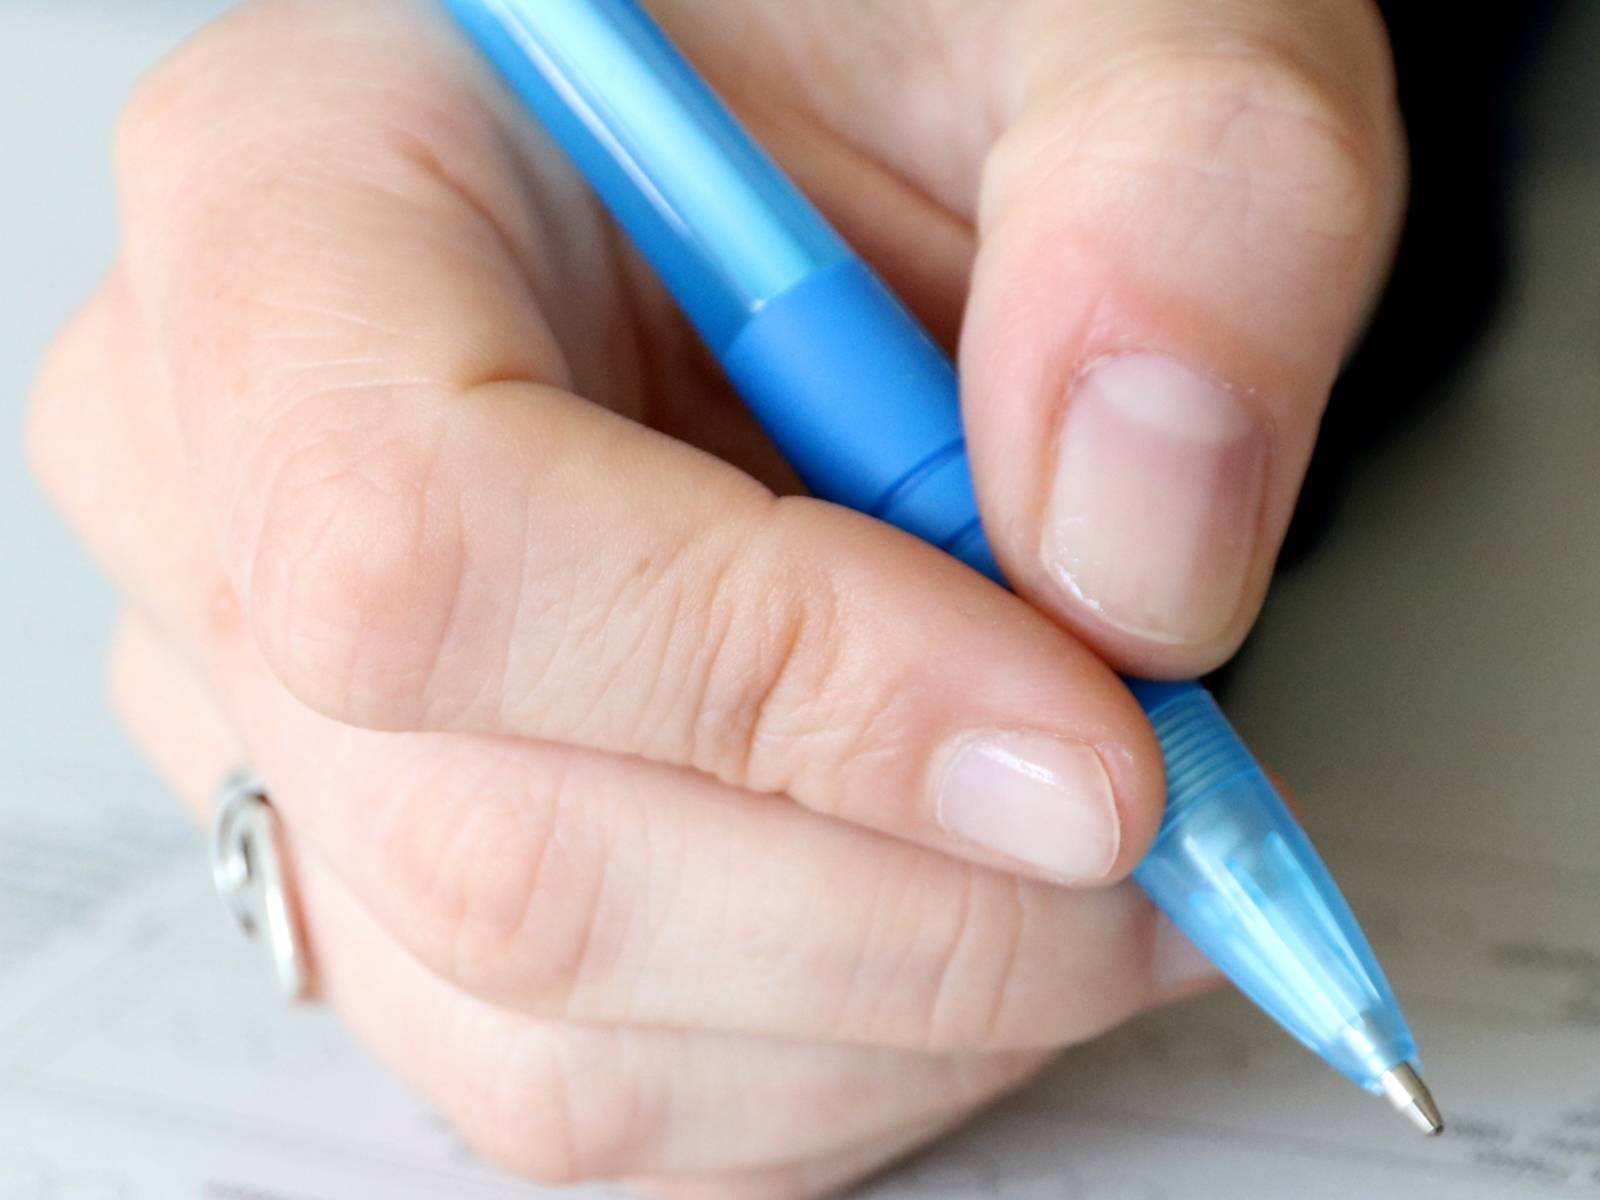 Eine Hand hält einen blauen Kugelschreiber und bewegt sich über ein Formular.